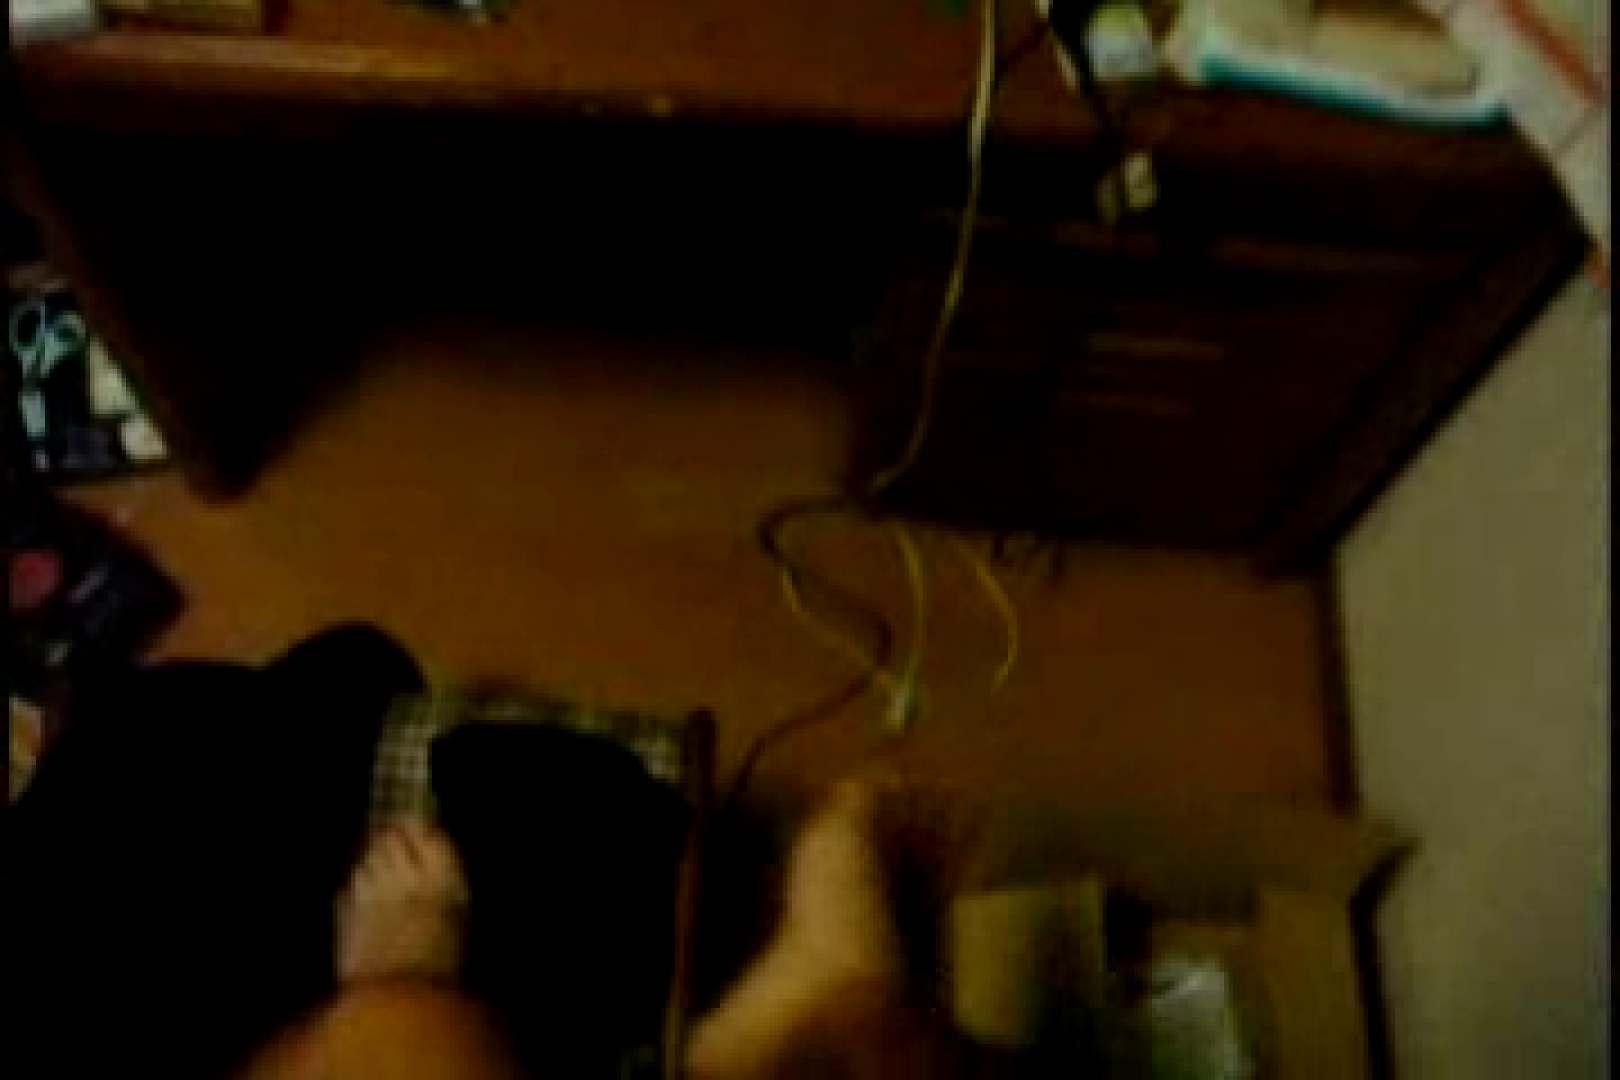 オナ好きノンケテニス部員の自画撮り投稿vol.05 メンズのチンコ ゲイ流出動画キャプチャ 76画像 35